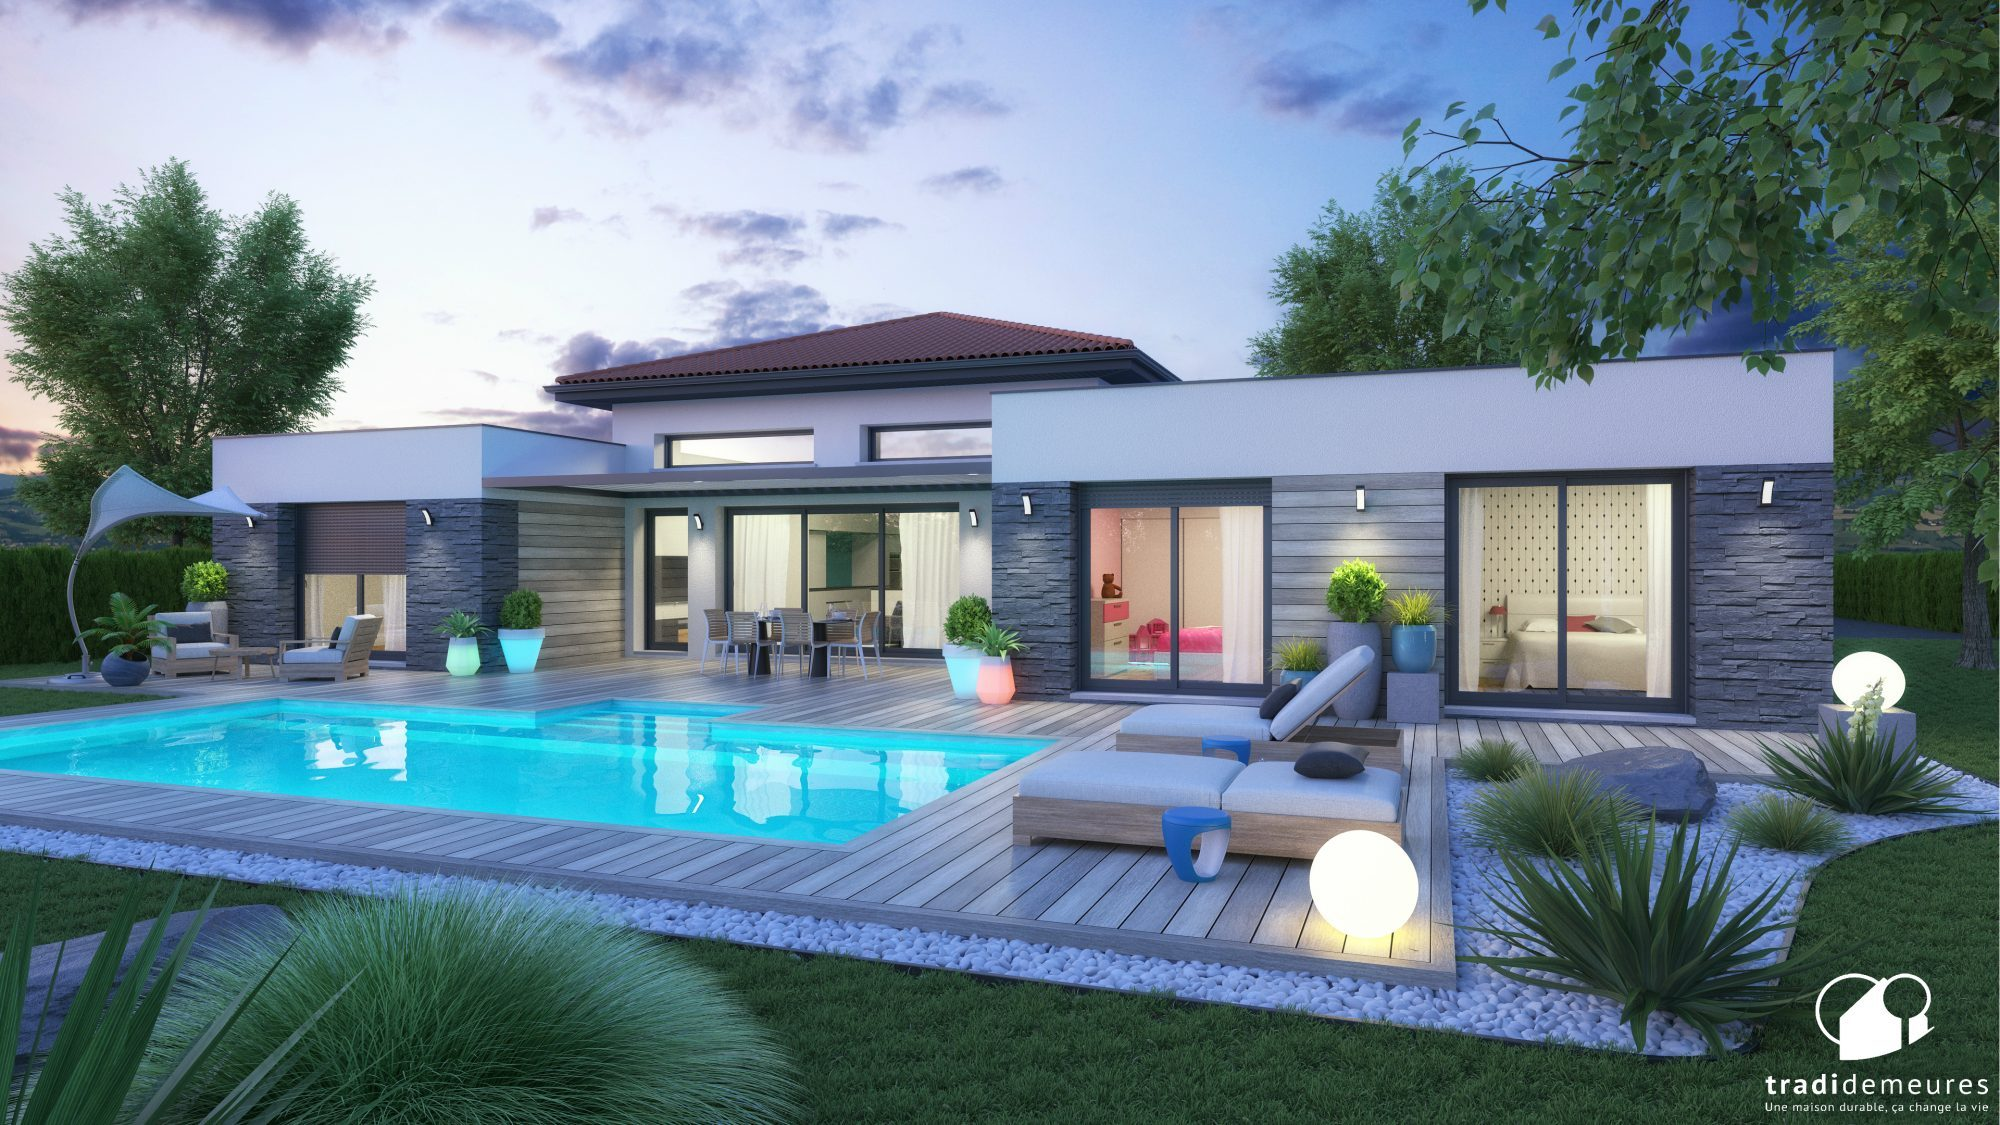 La création de la semaine : une maison contemporaine et inspirante - Constructeur de maisons en ...